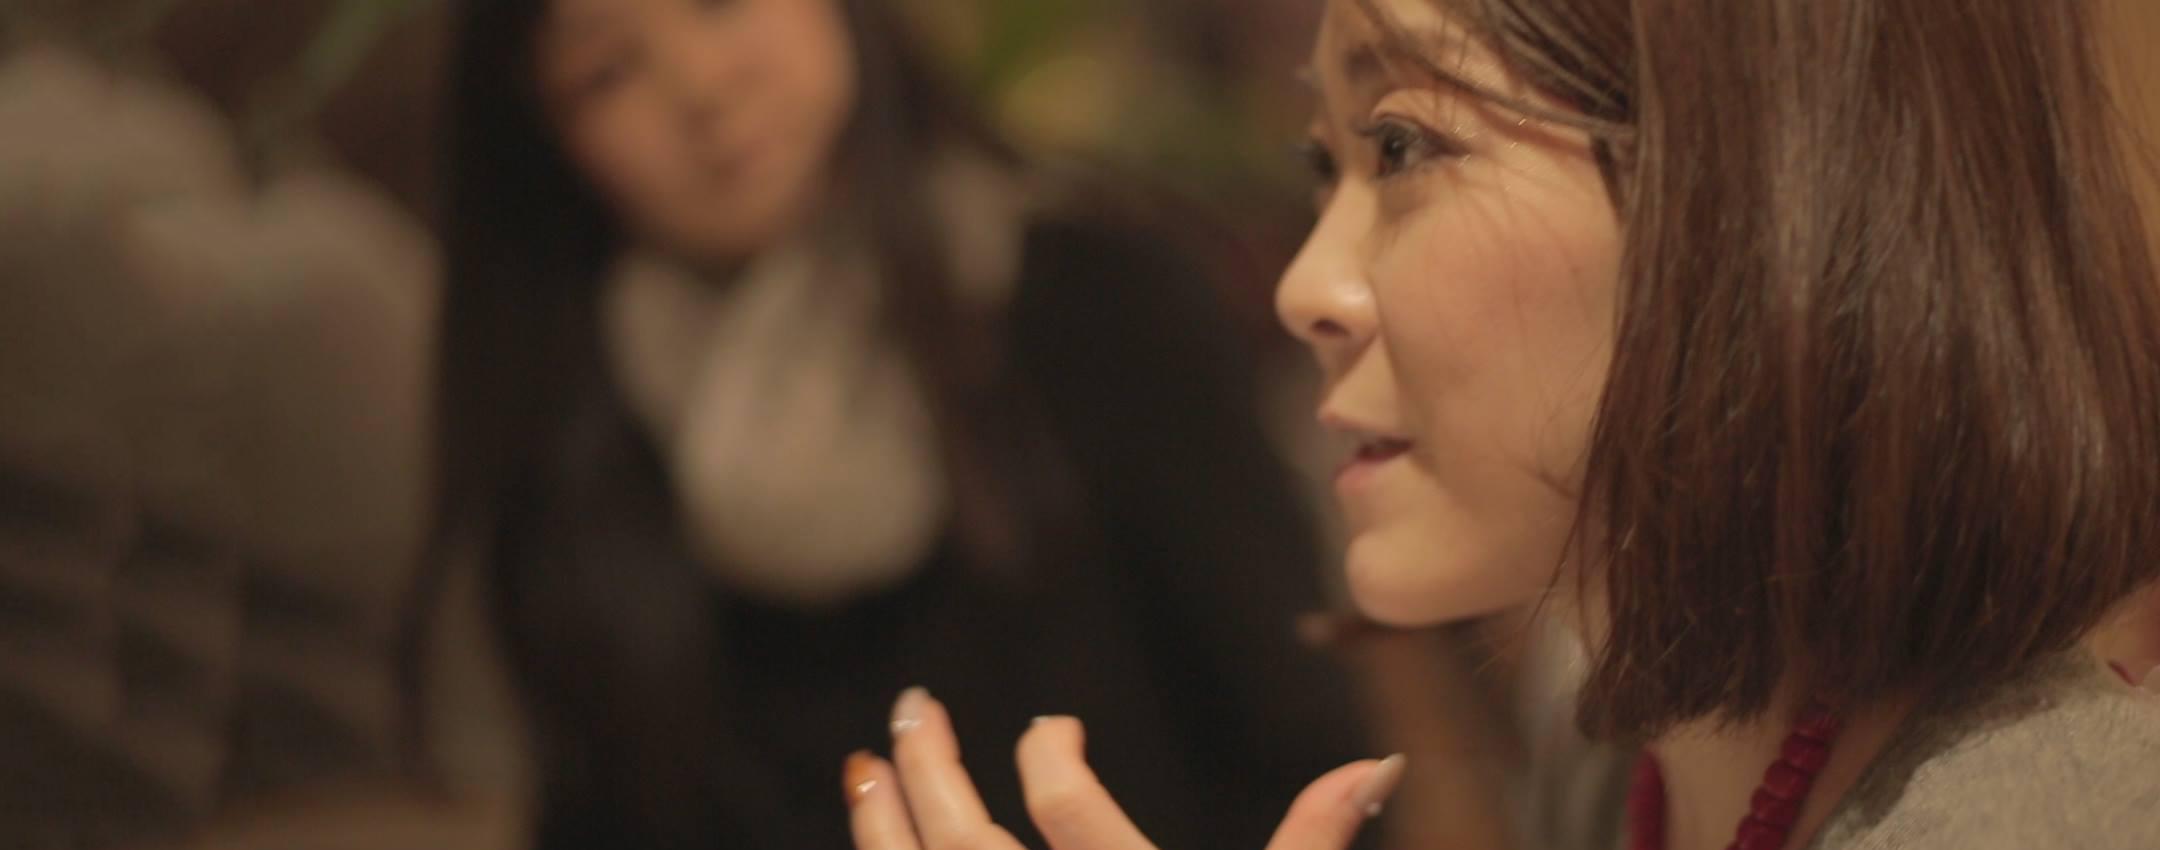 ママプレナーズを立ち上げた理由と目指すもの(後編)| 柳澤由香のblog #011